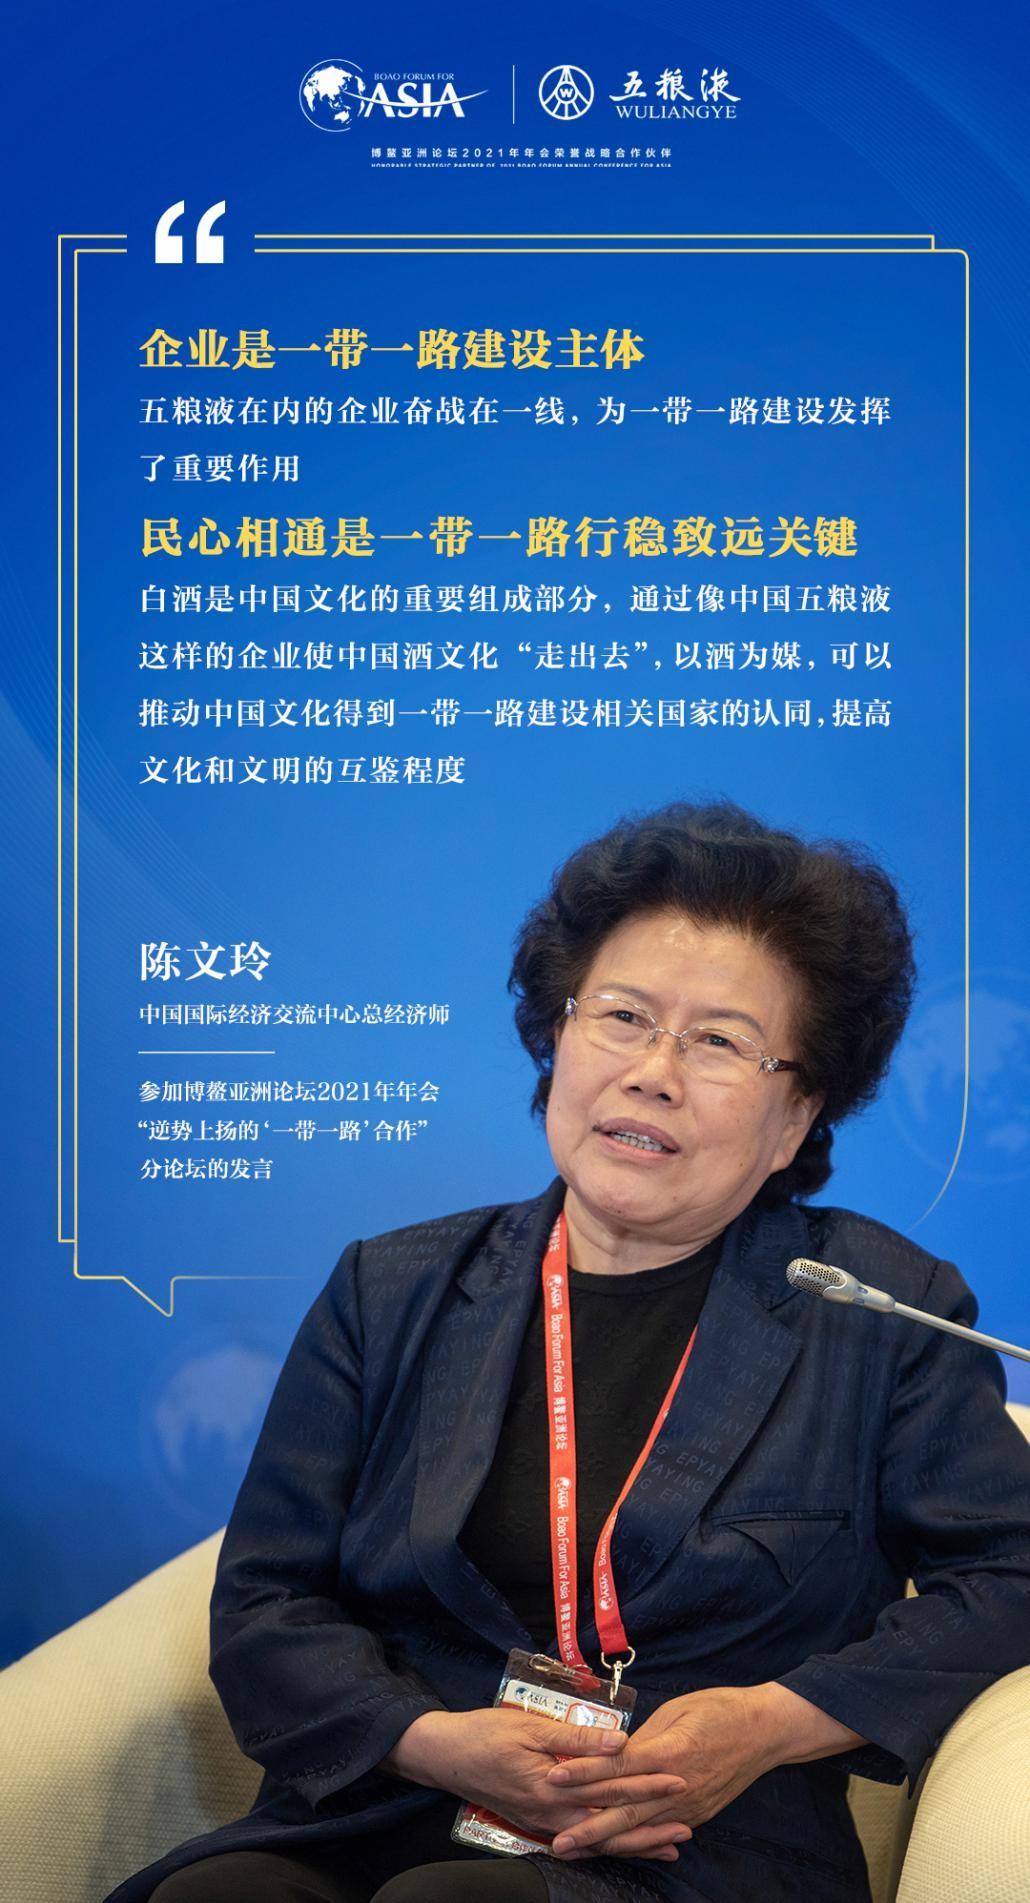 """陈文玲:企业是""""一带一路""""建设主体 民心相通是行稳致远关键"""